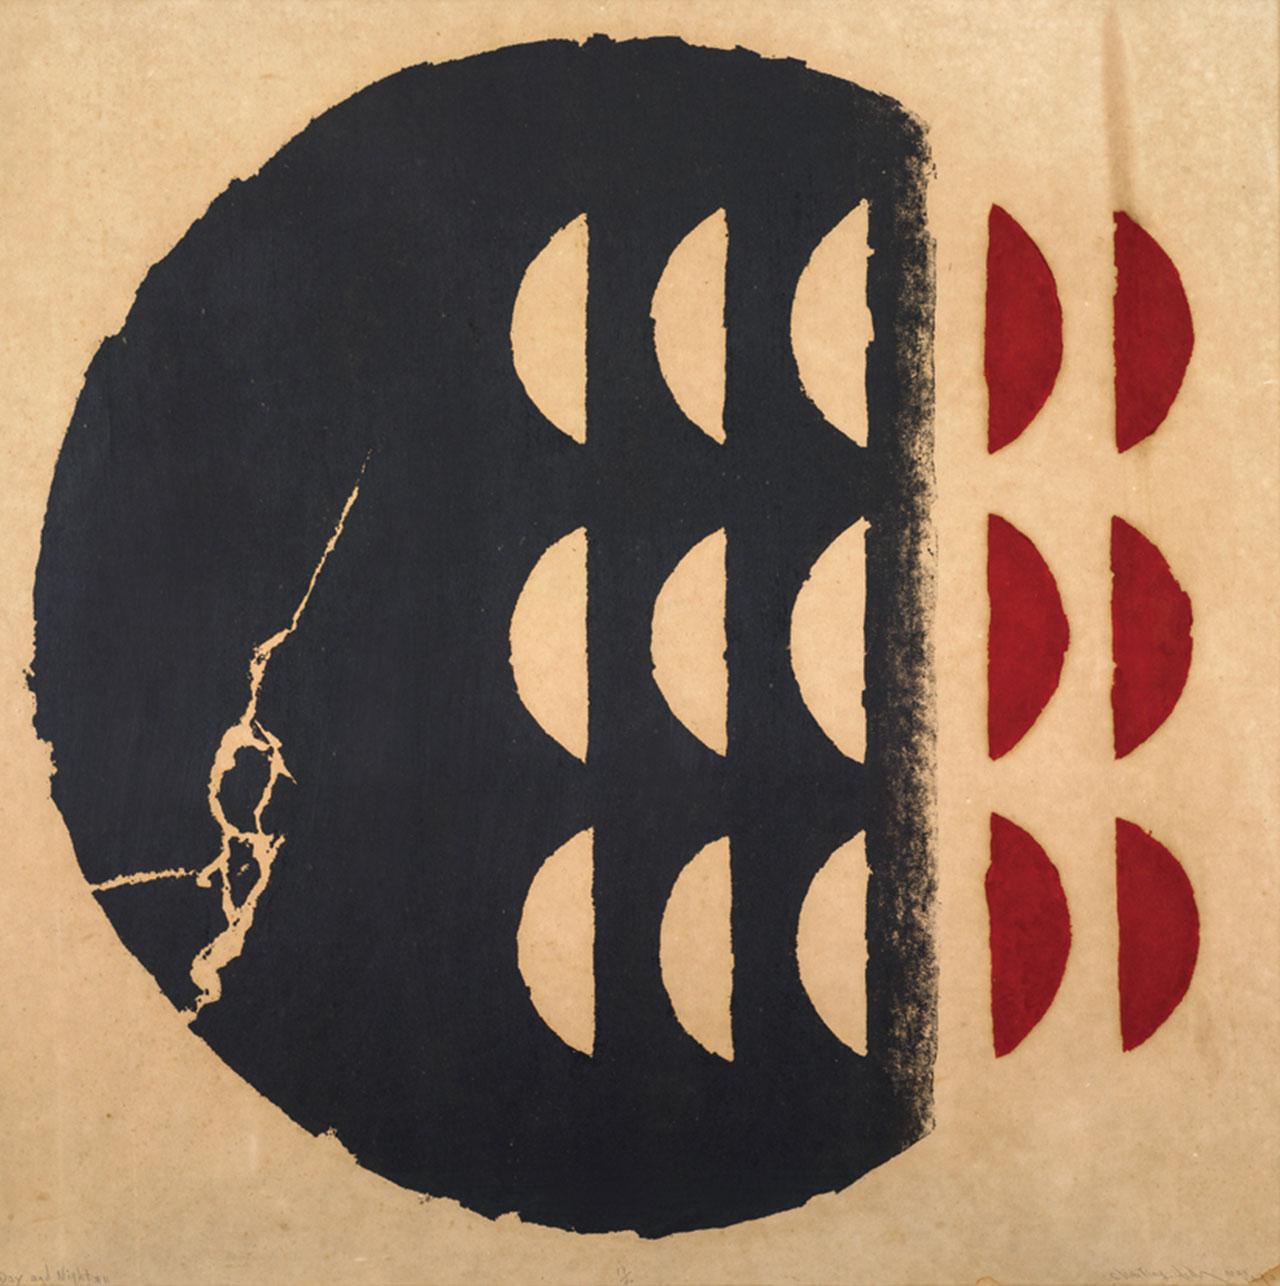 陳庭詩 晝與夜#11 版畫、紙本 93x93cm